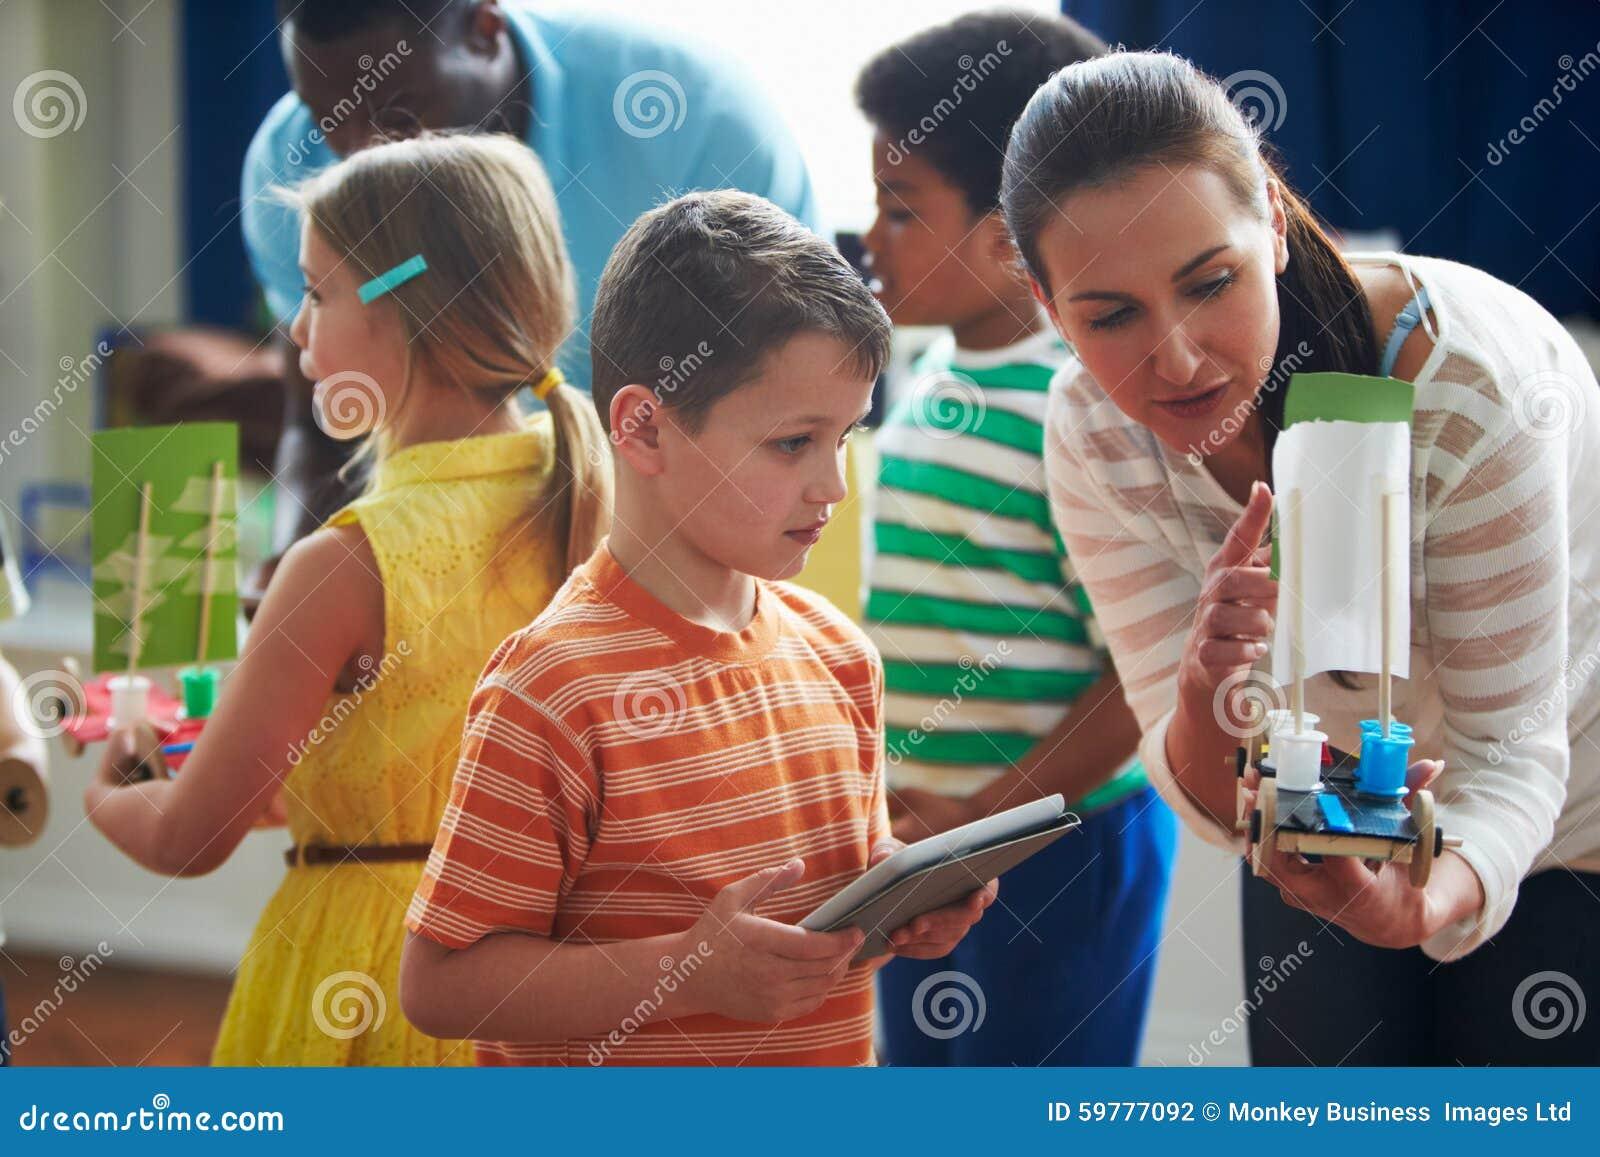 Ομάδα παιδιών που πραγματοποιούν το πείραμα στην κατηγορία επιστήμης